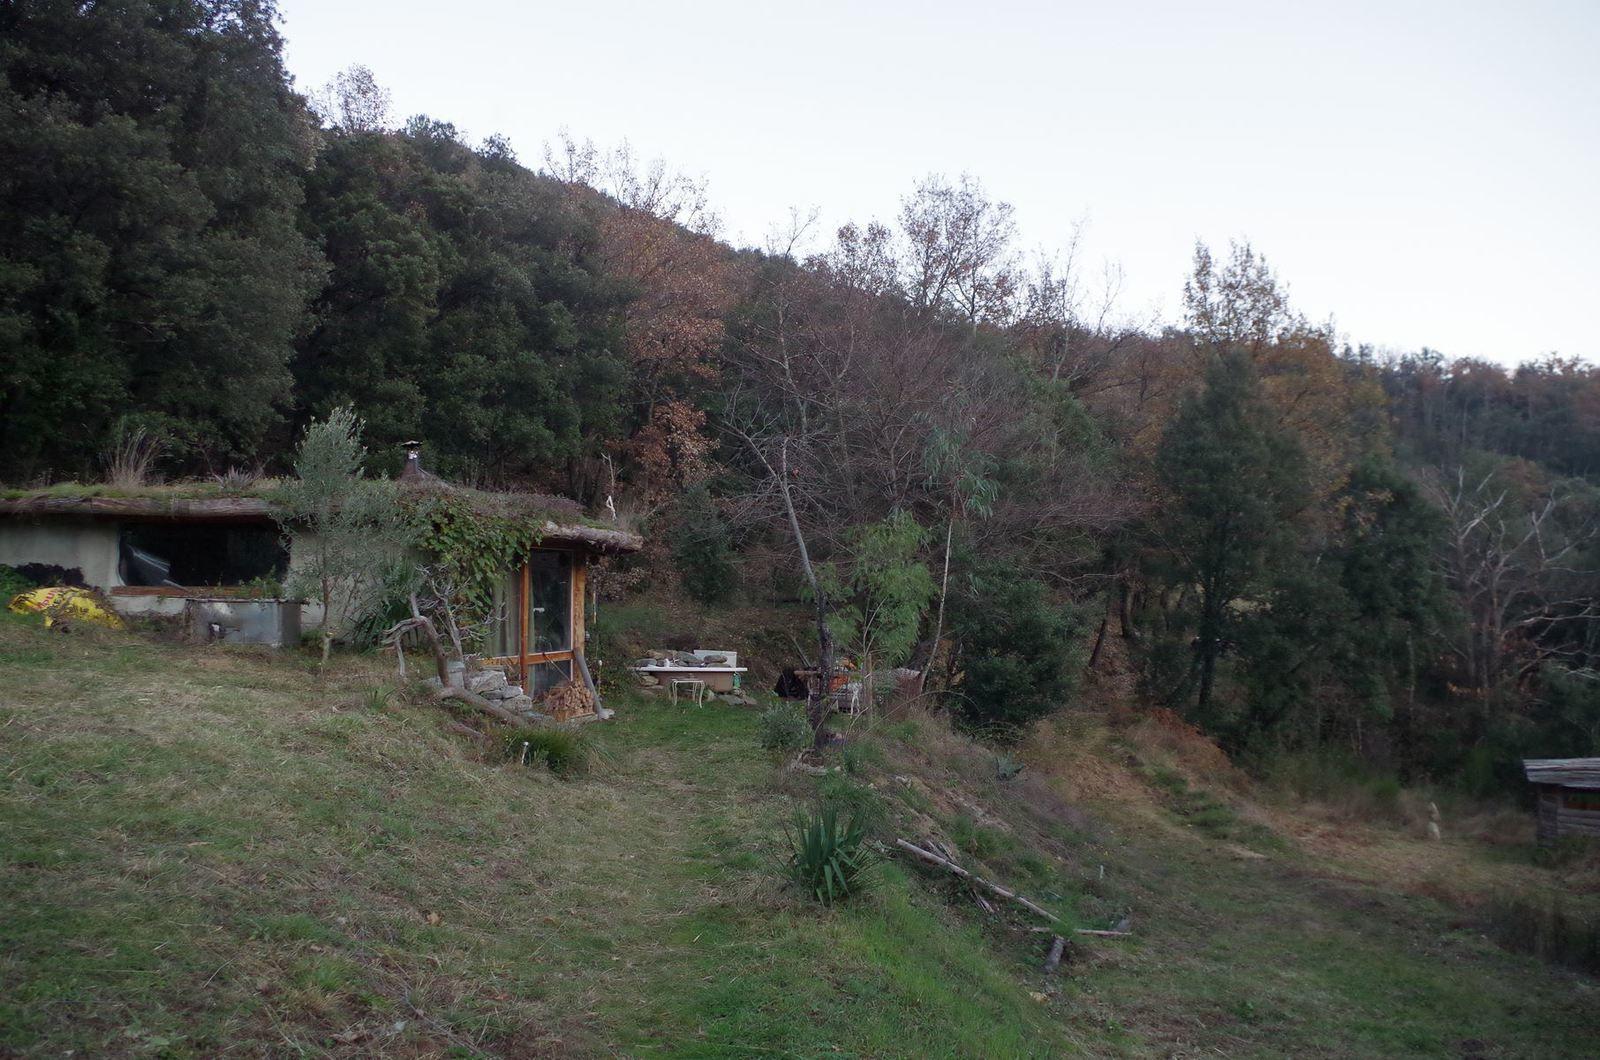 cabanes des villes, cabanes des champs, dernier road trip pyrénéen